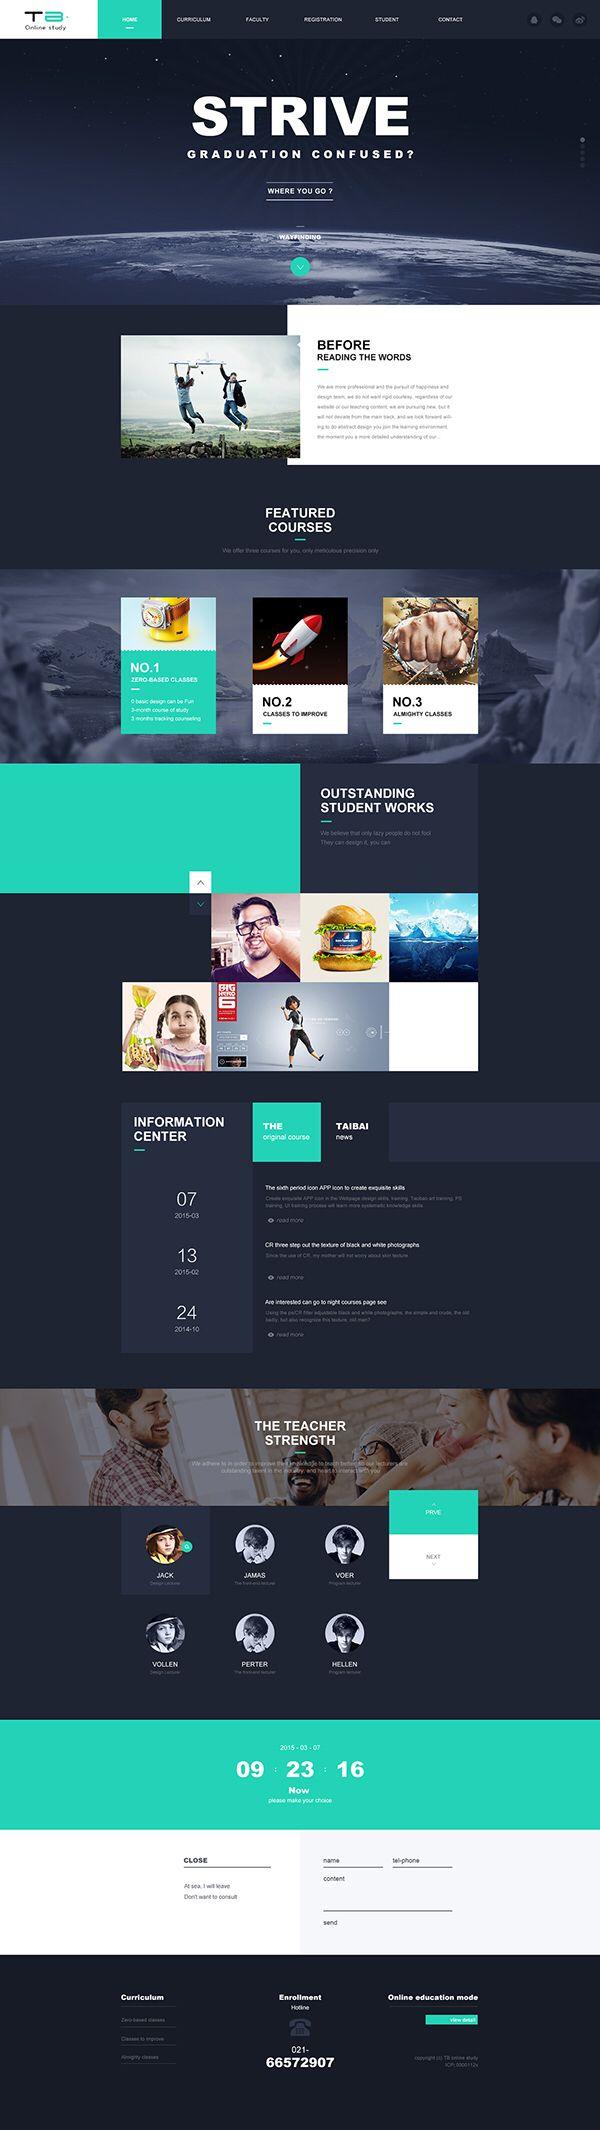 Strive - #webdesign #moderndesign #responsive